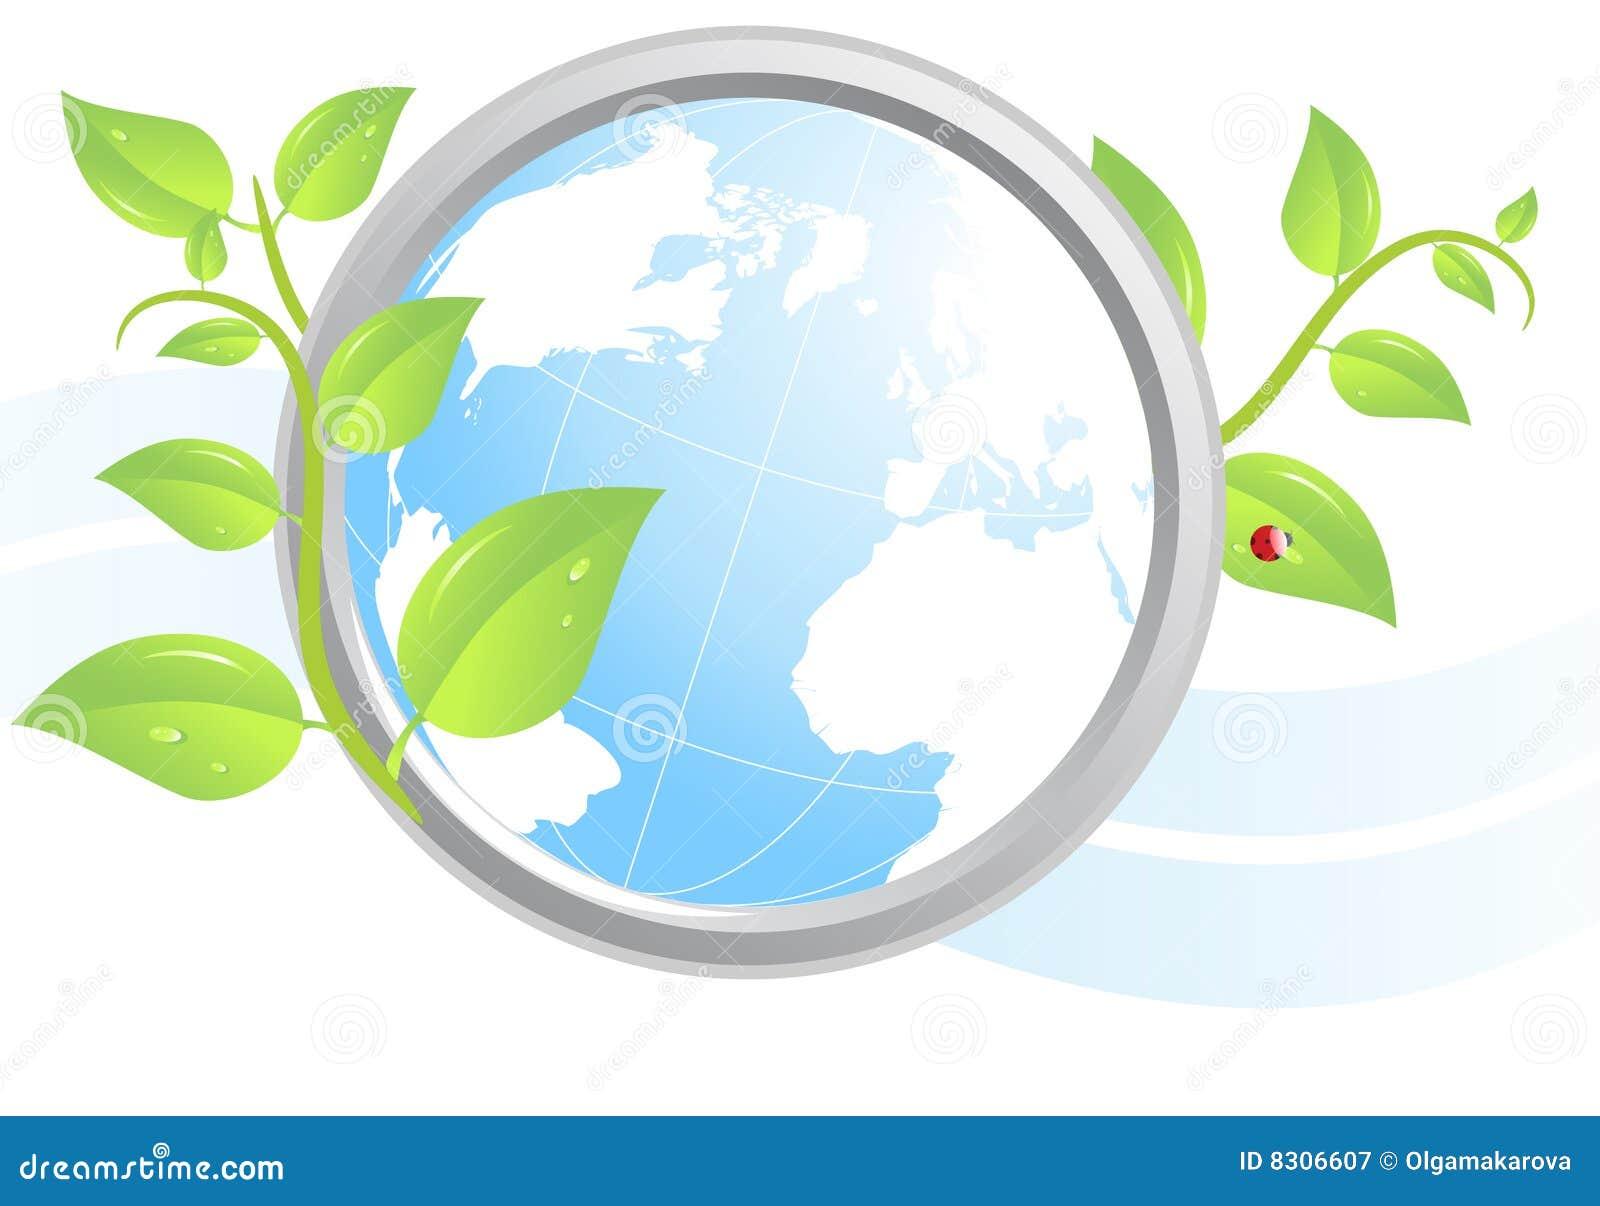 περιβαλλοντικό εικονίδιο